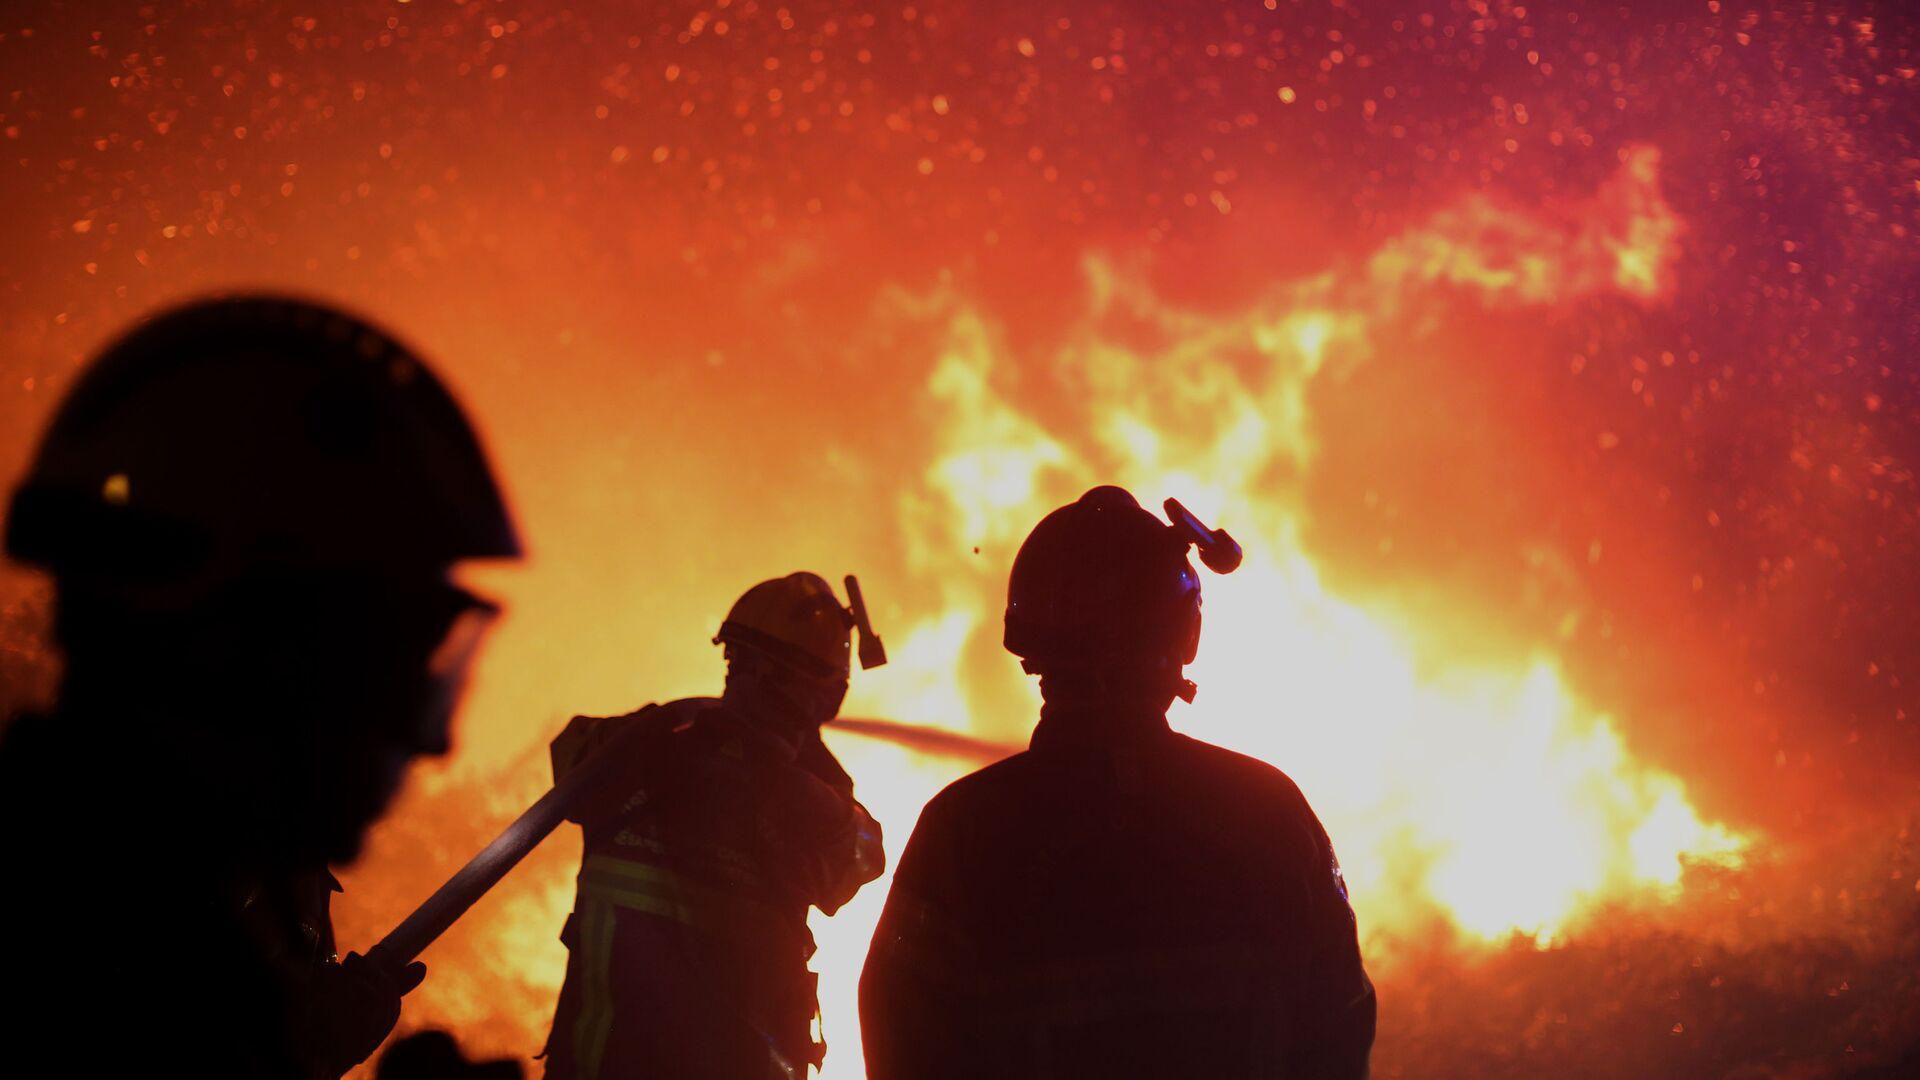 Vigili del fuoco francesi combattono contro un incendio - Sputnik Italia, 1920, 17.08.2021